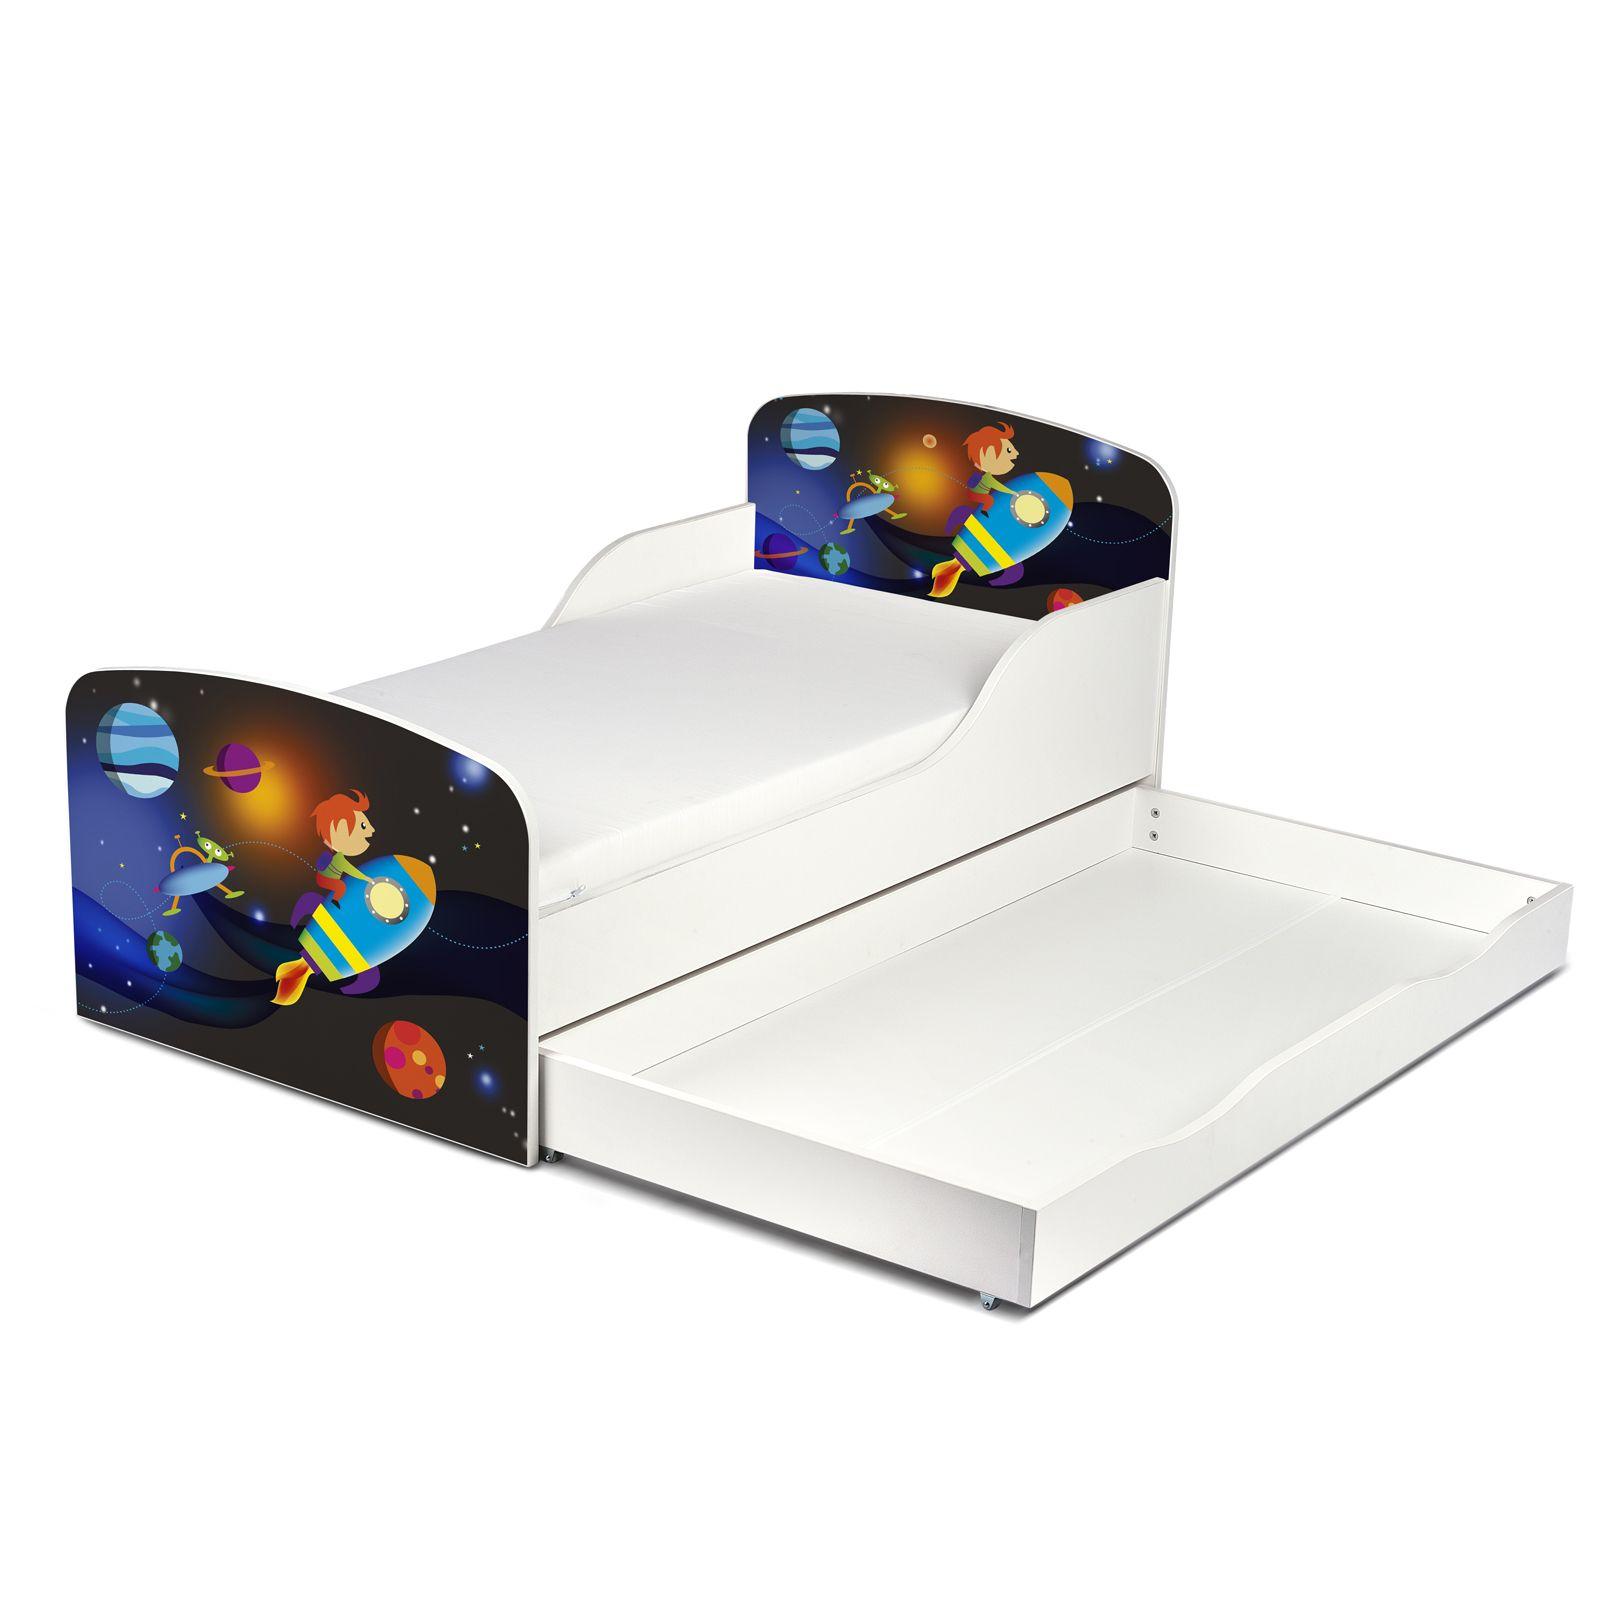 raum rakete mdf kleinkind bett mit unterbett aufbewahrungs. Black Bedroom Furniture Sets. Home Design Ideas